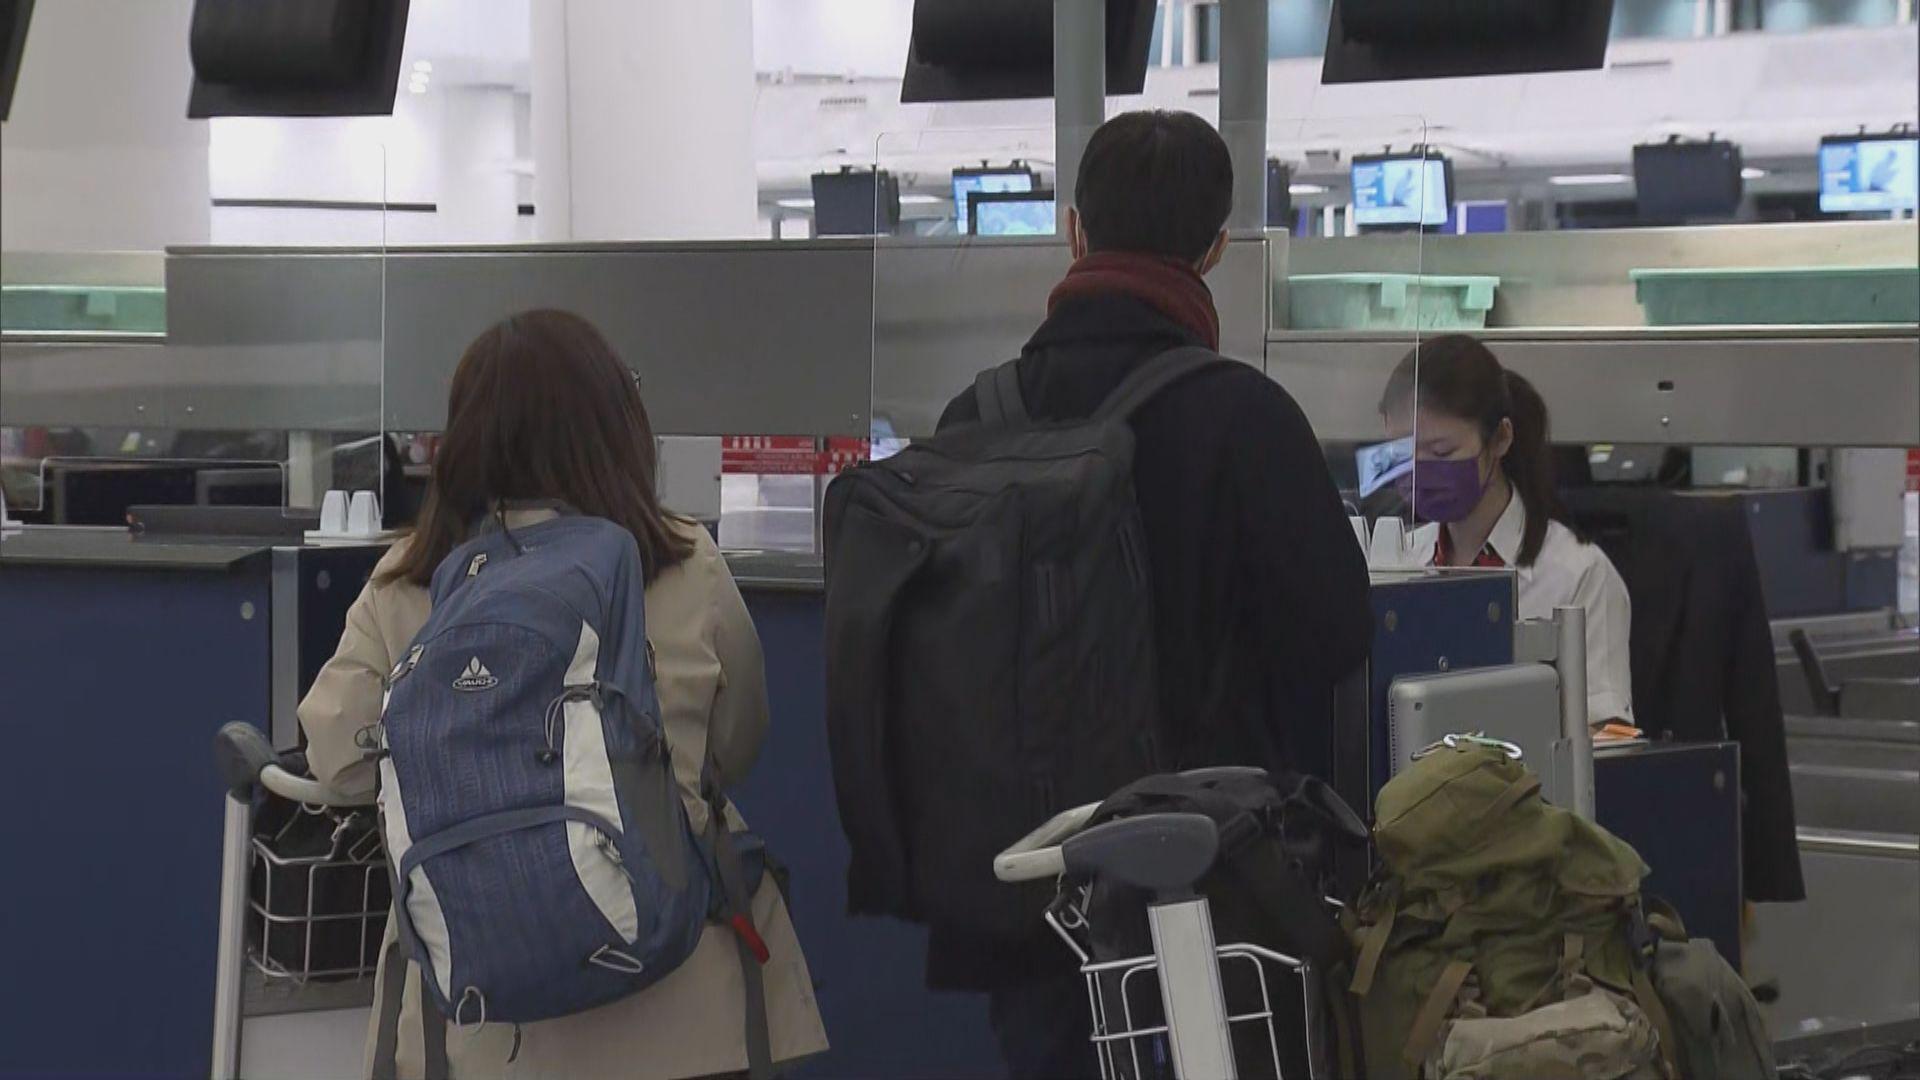 兩班前往英國航班按原訂時間起飛 有港人如期出發